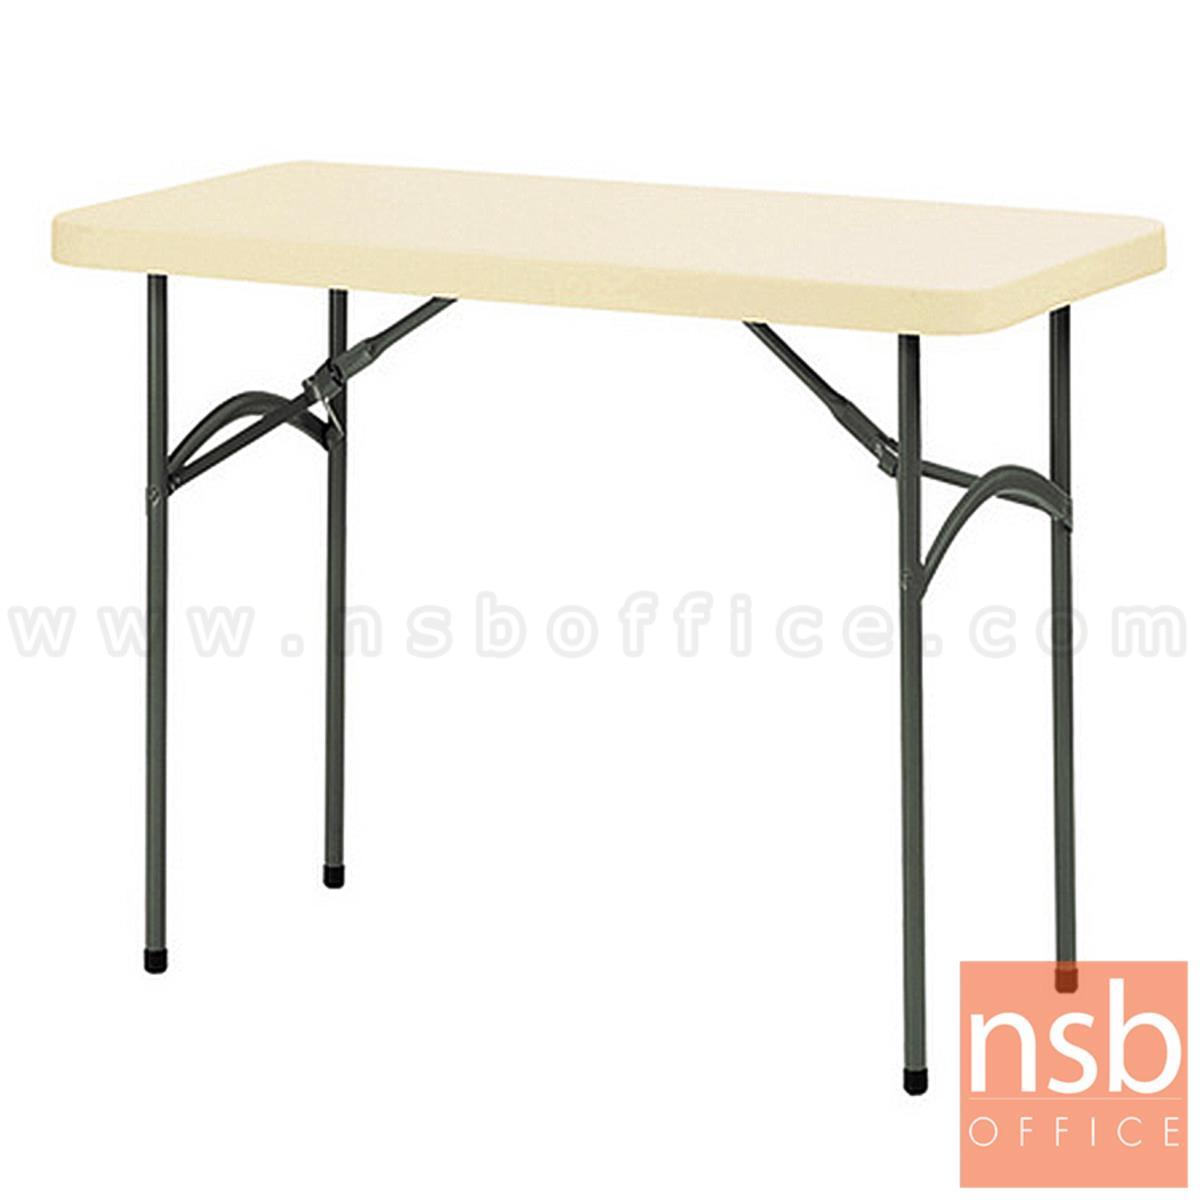 A19A036:โต๊ะพับหน้าพลาสติก รุ่น Newburry (นิวเบอรี่) ขนาด 121W cm.  ขาเหล็กพ่นสี